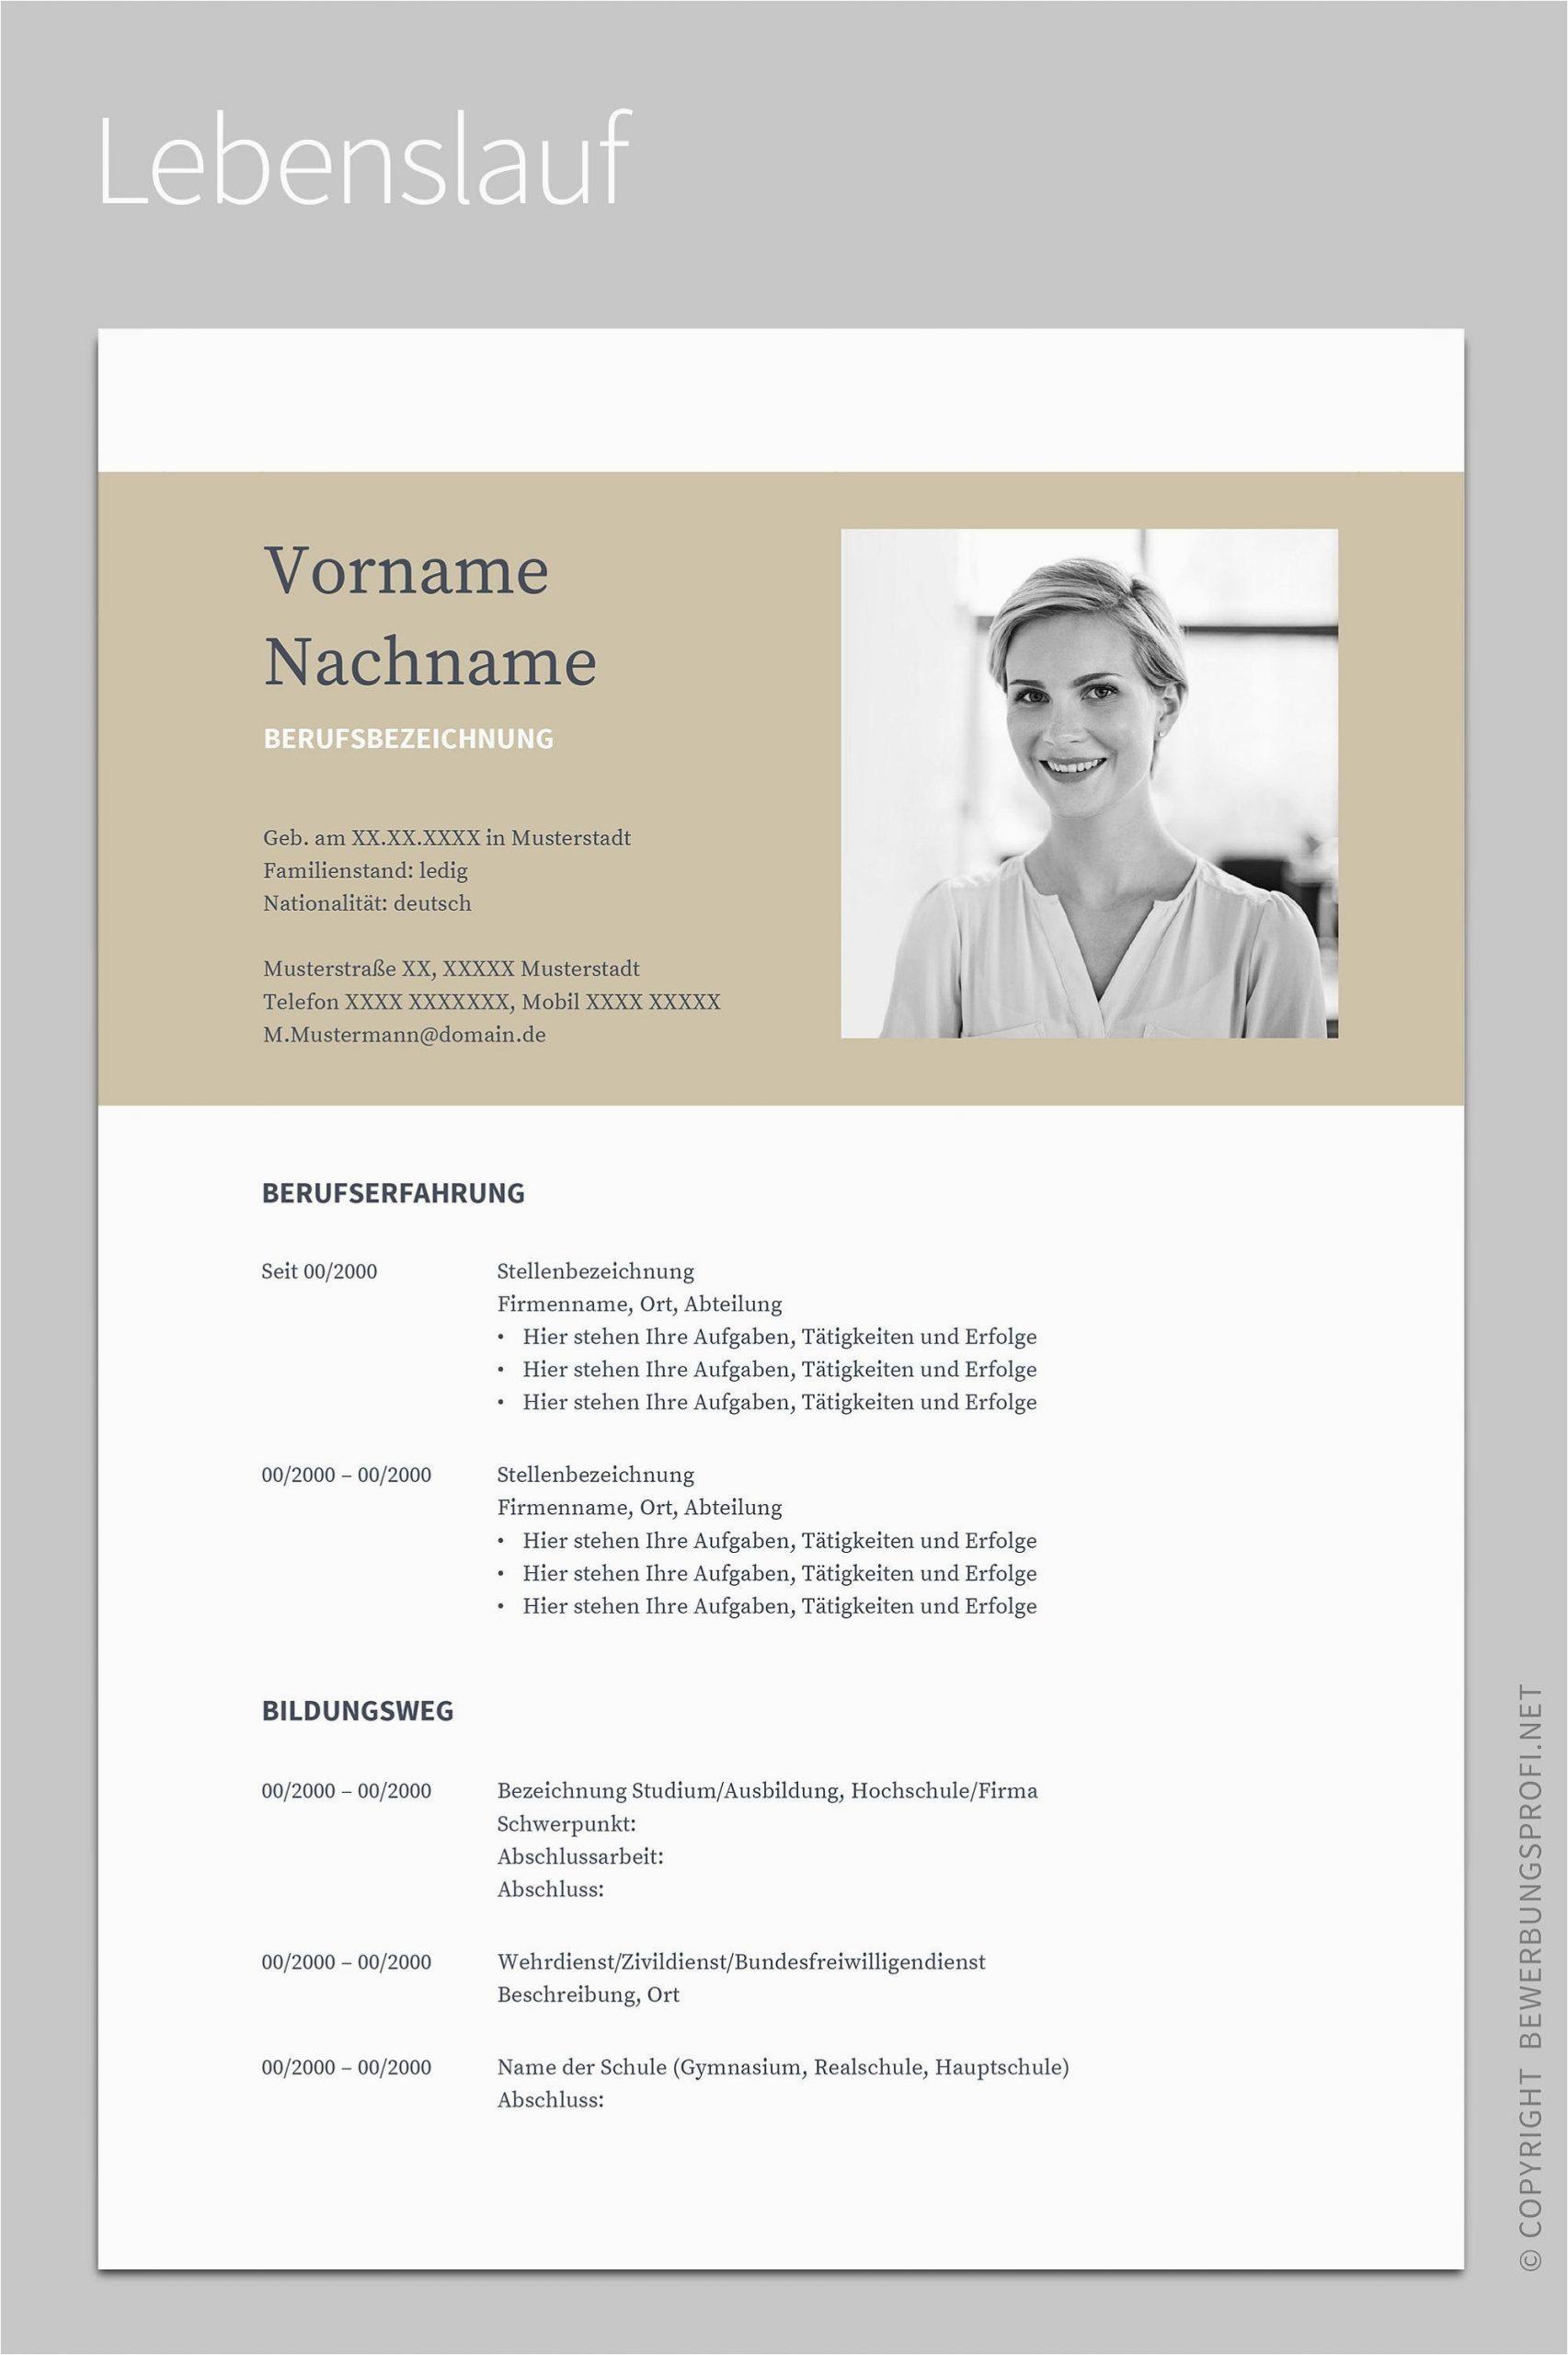 Open Office Lebenslauf Design Bewerbung Napea Mit Lebenslauf Deutsch